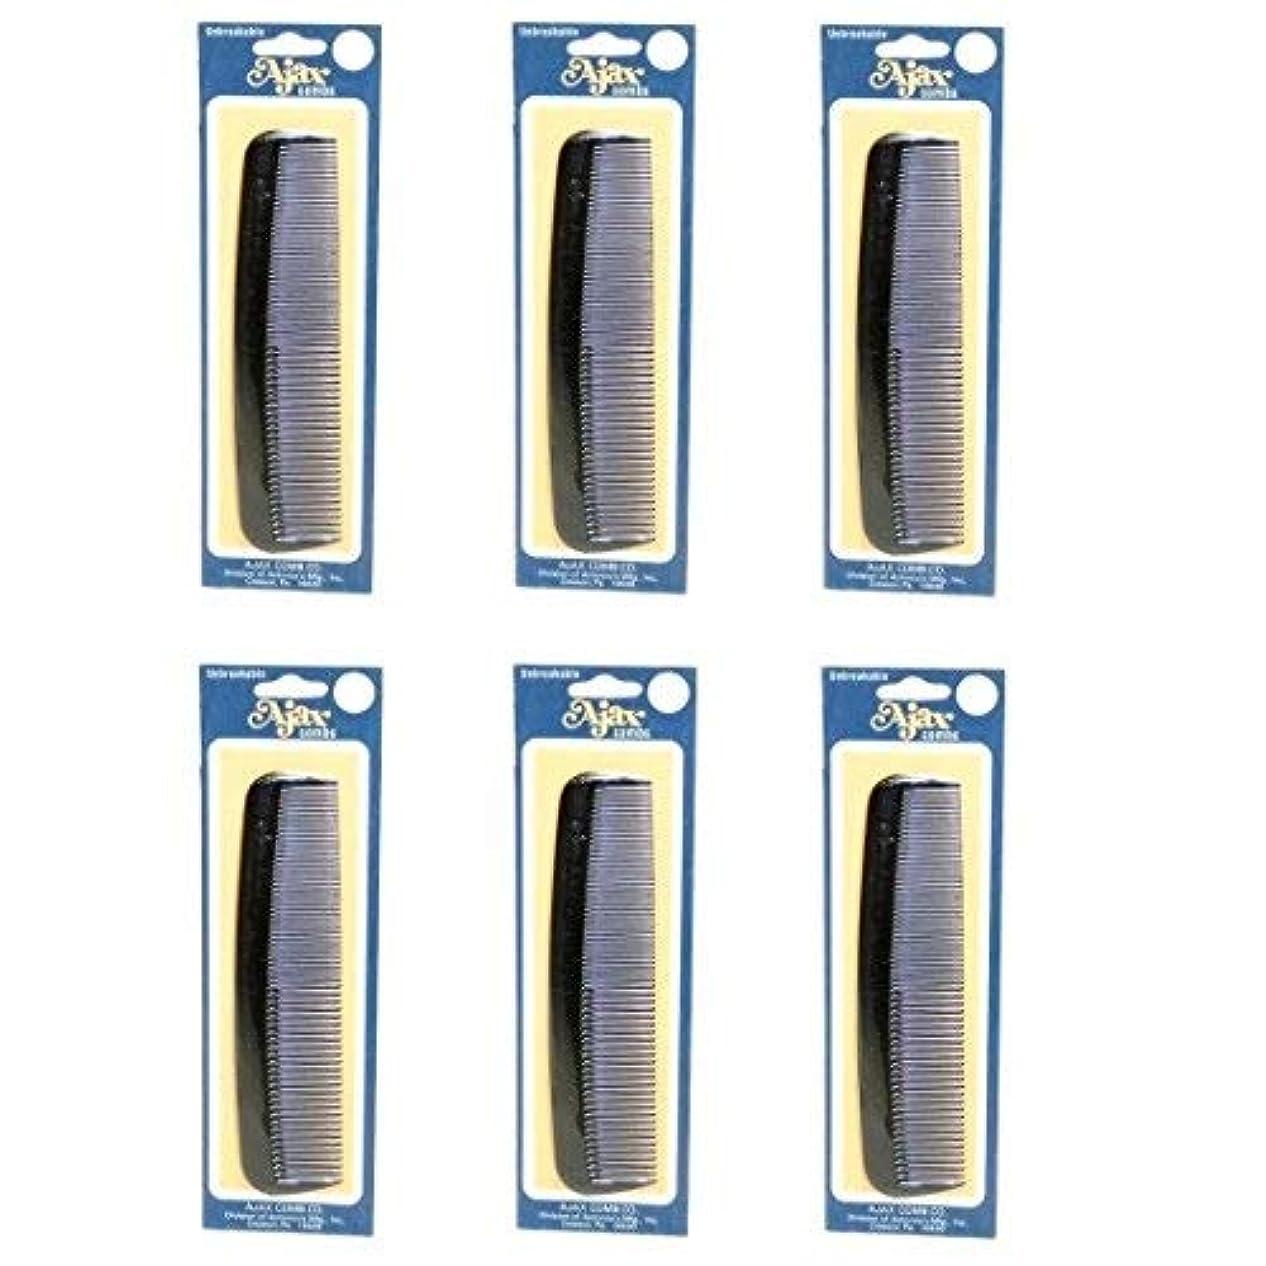 ホイットニーロケットシリーズAjax Unbreakable Hair Combs Super Flexible Pocket Sized Lifetime Guarantee - Proudly Made in the USA (Pack of 6) [並行輸入品]